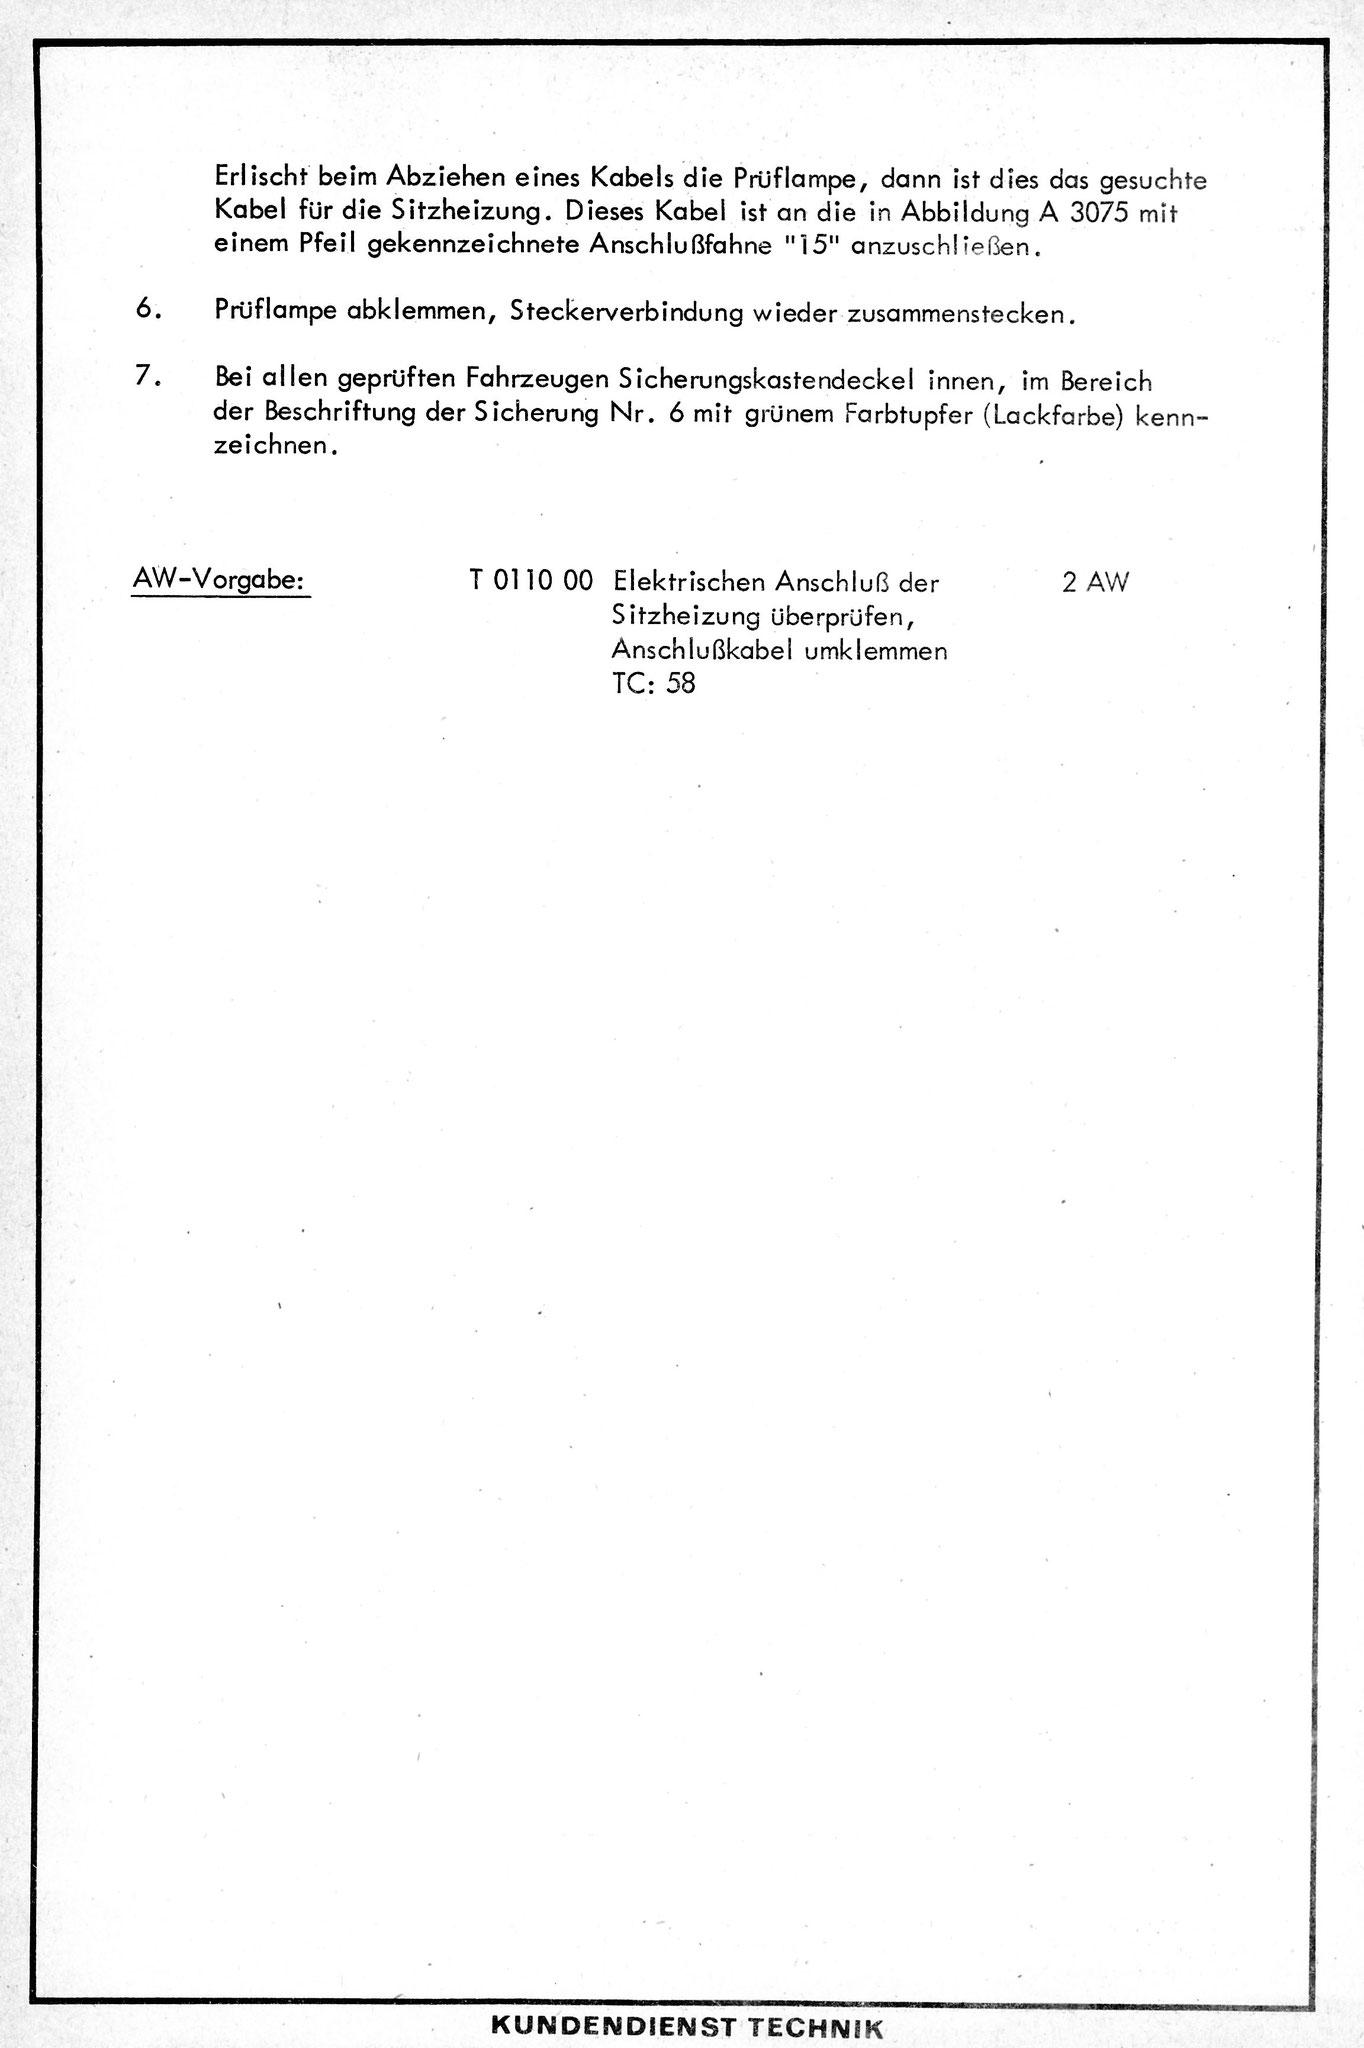 Tolle 2 Ga Drahtdurchmesser Ideen - Elektrische Schaltplan-Ideen ...